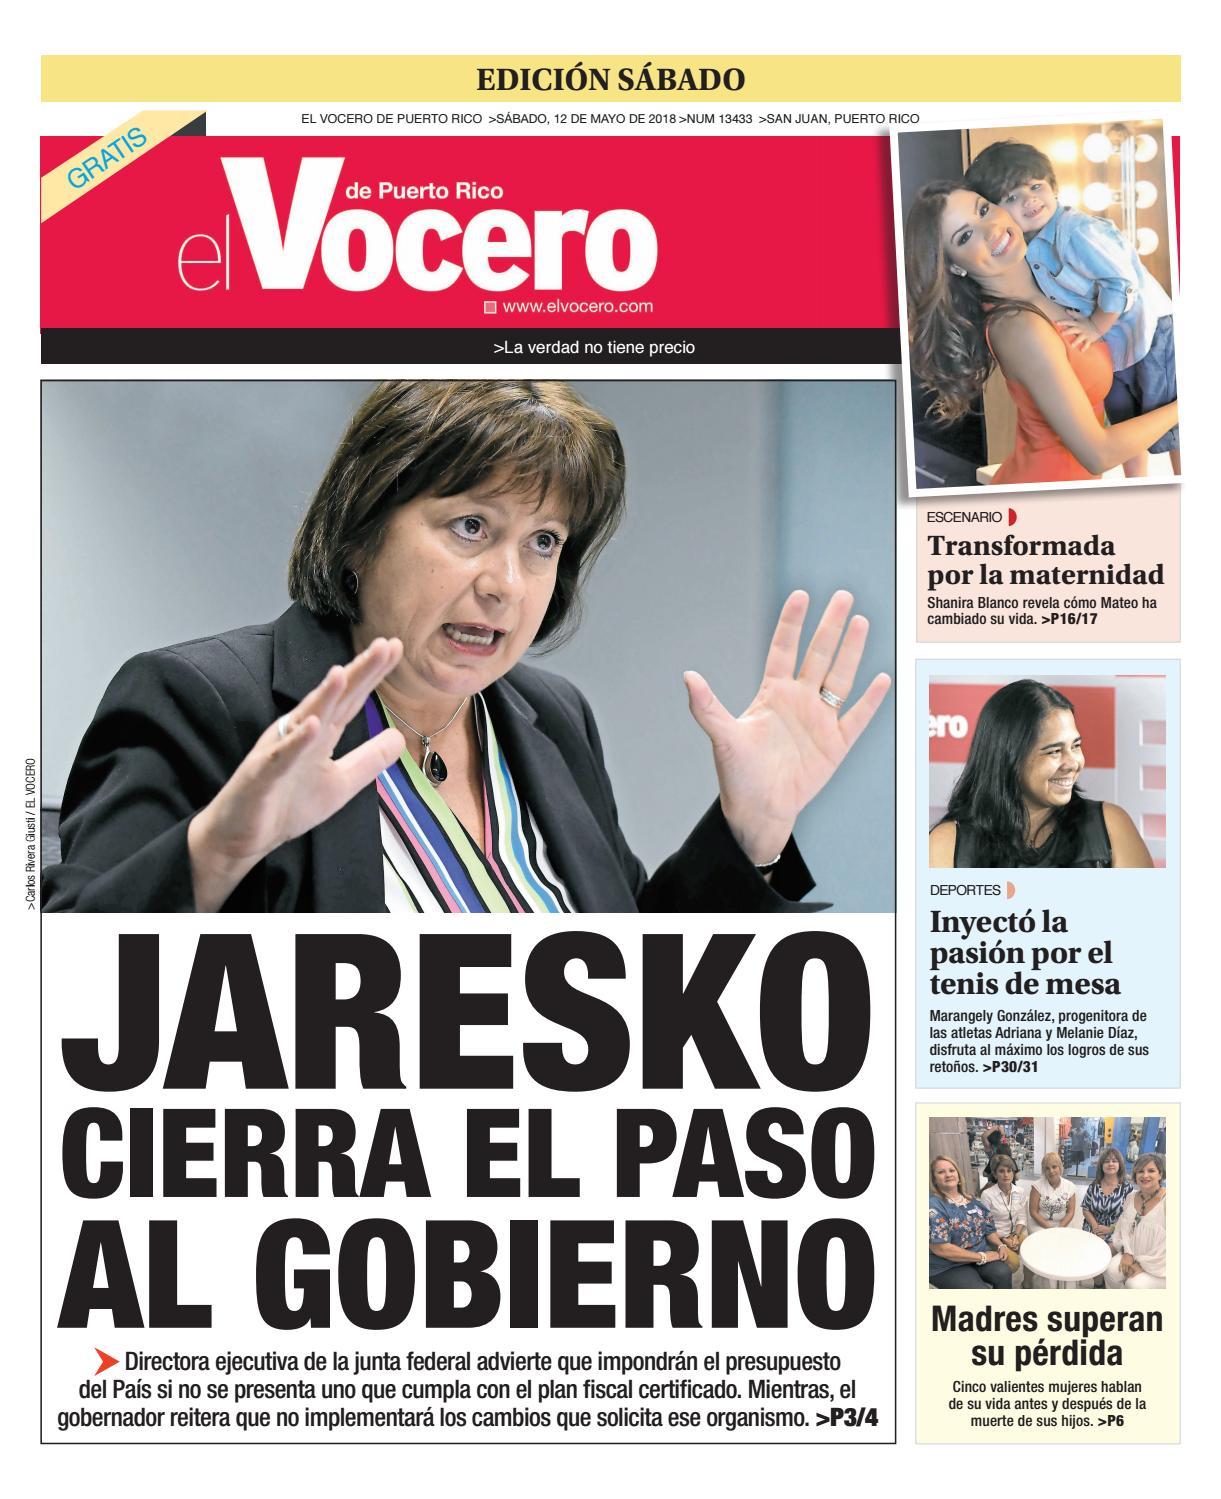 Edición del 12 de mayo de 2018 by El Vocero de Puerto Rico - issuu